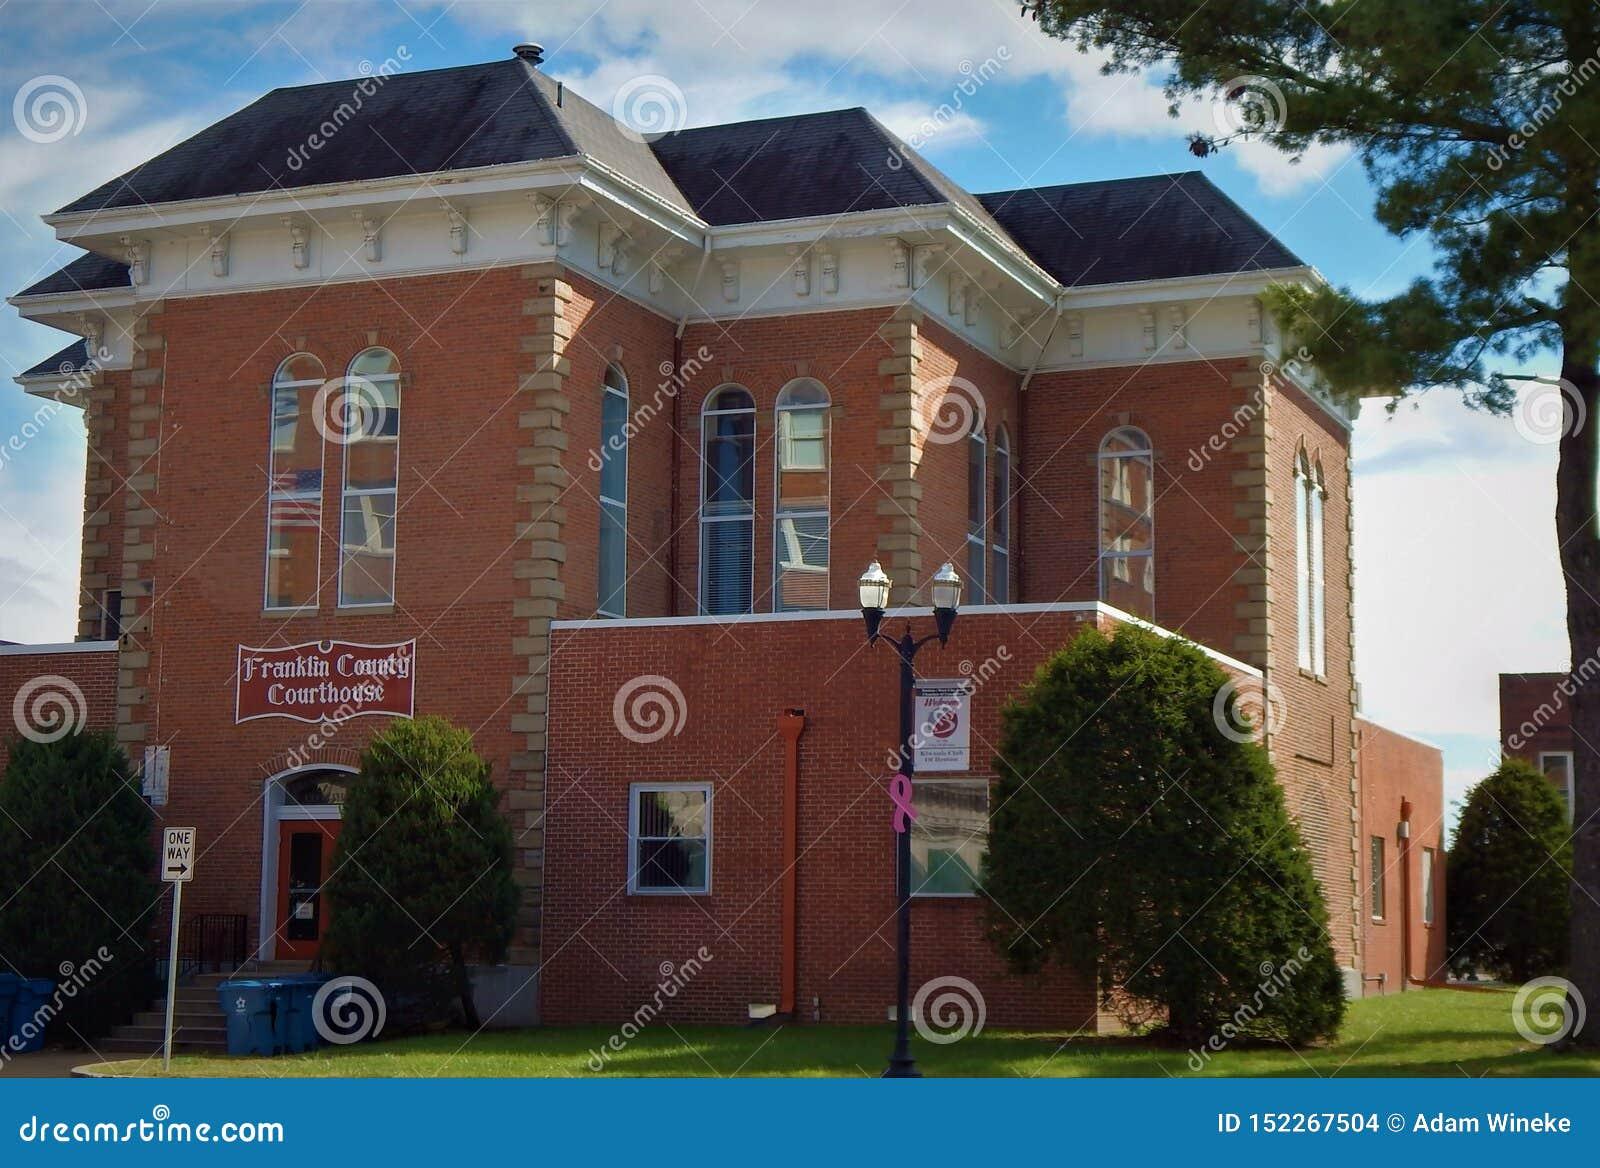 Franklin County Courthouse Benton Illinois